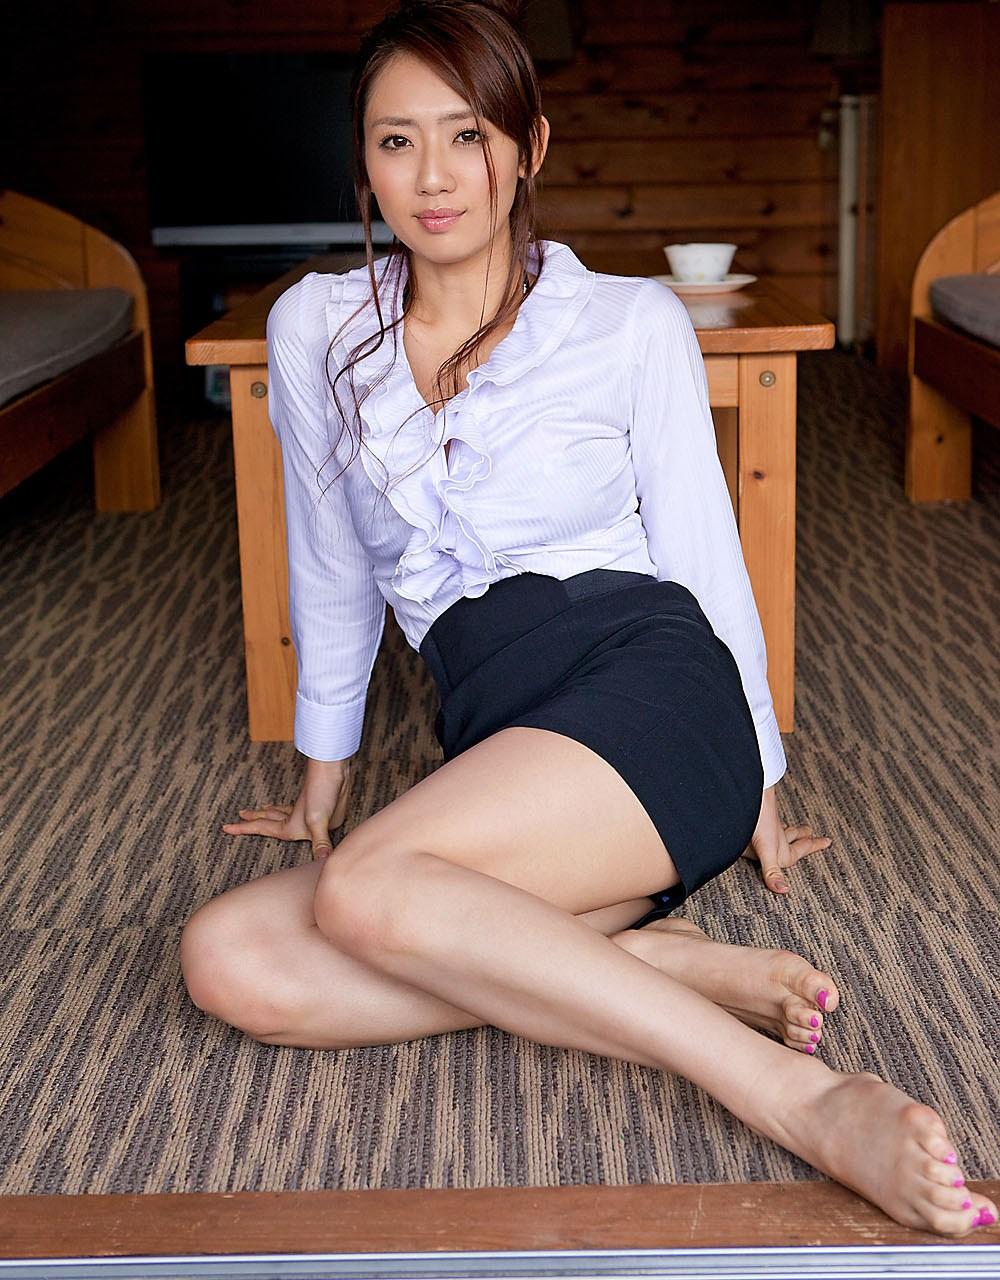 美人お姉さんの美脚が魅力的すぎる!